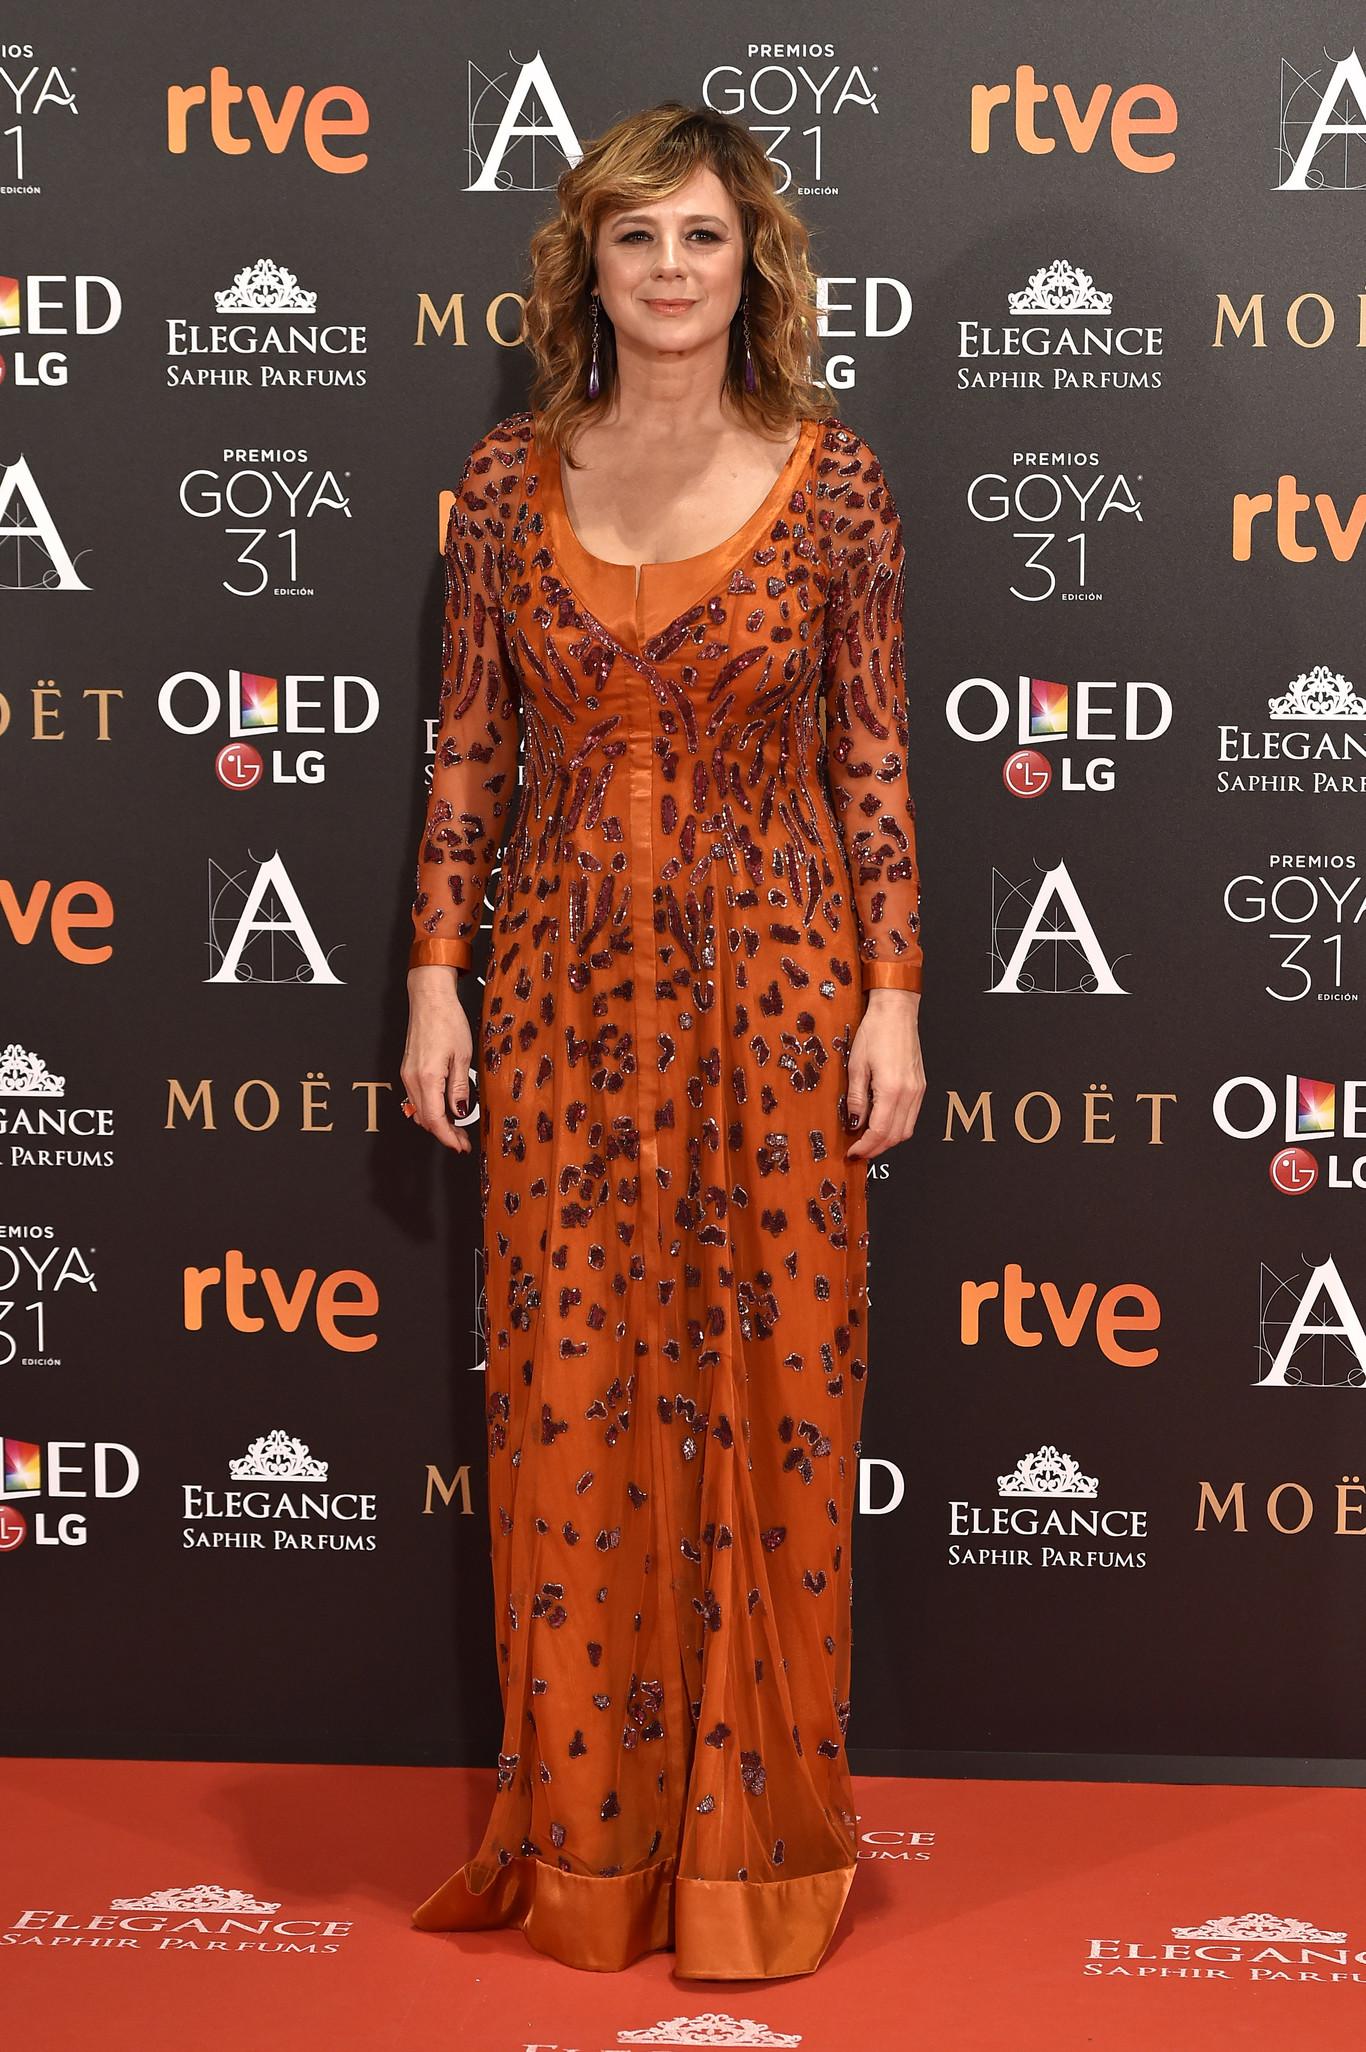 25e9c06af2e5 blog-ana-suero-alfombra-roja-goyas-2017-emma-suarez-vestido-naranja-joya-caprile.jpg